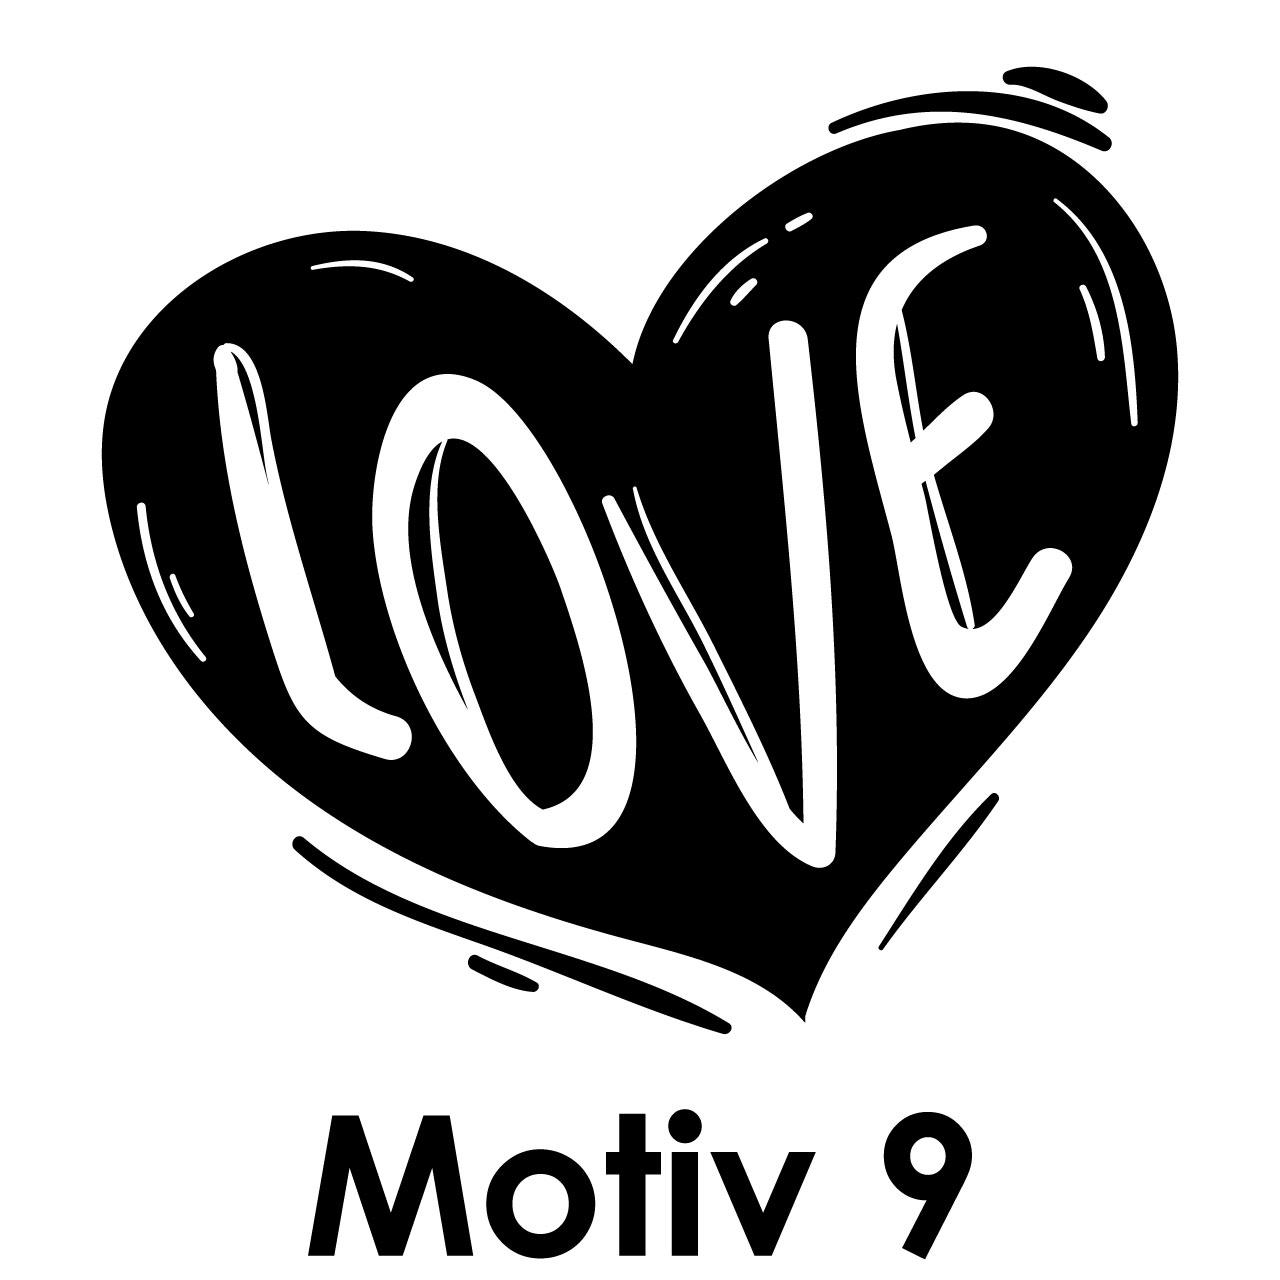 Motiv9